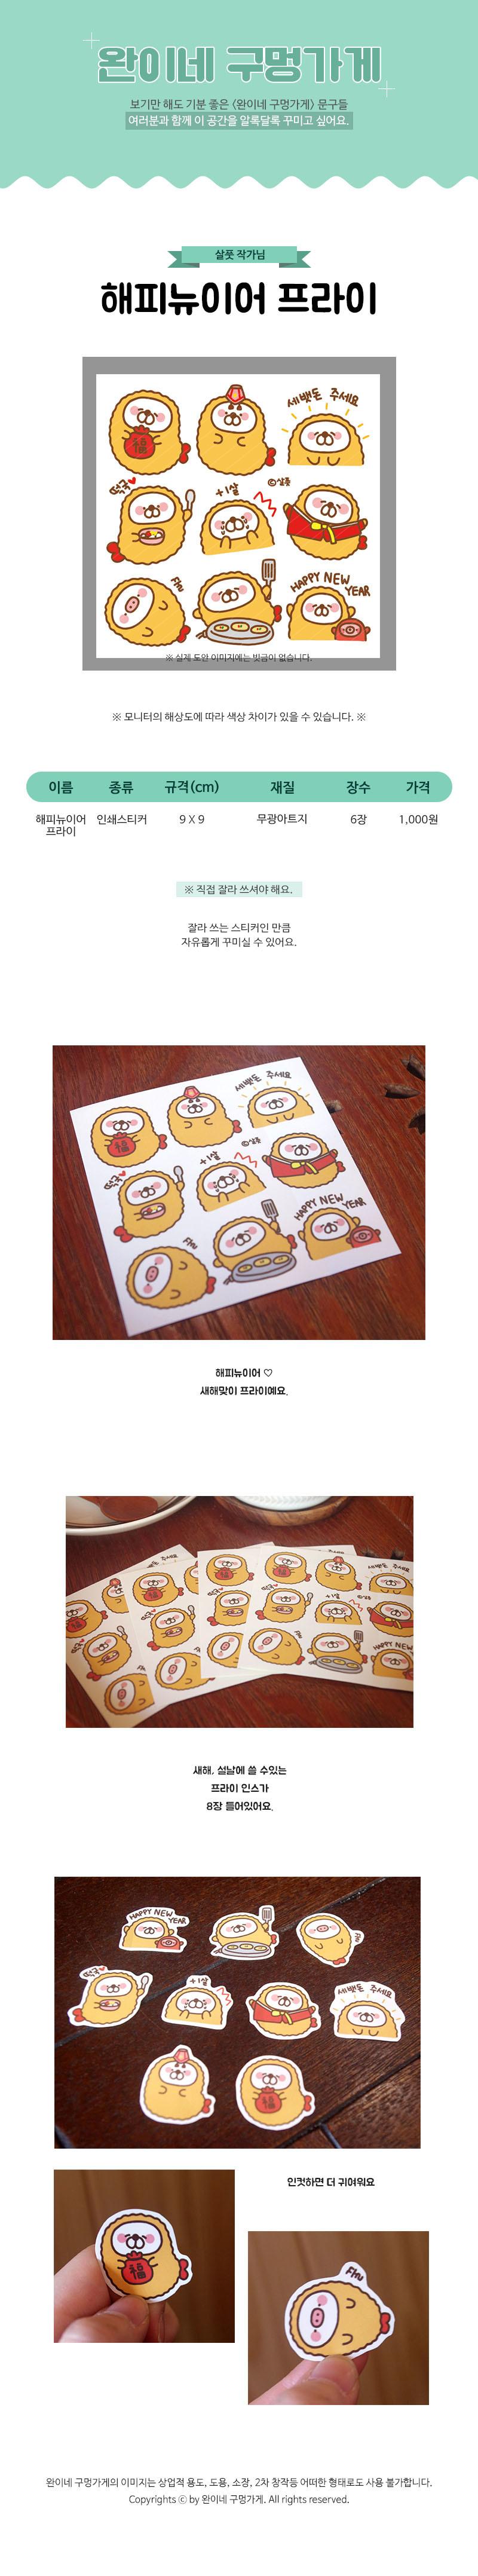 sticker207